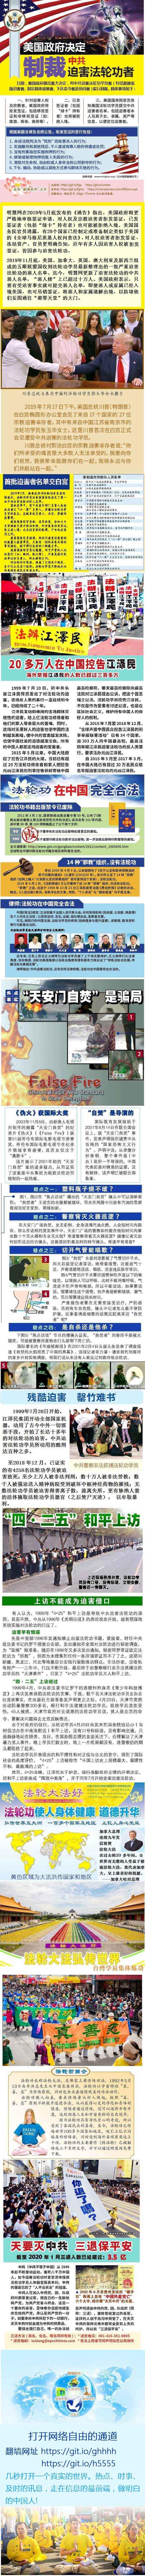 对抗新型冠状病毒肺炎 必知10大自保方法